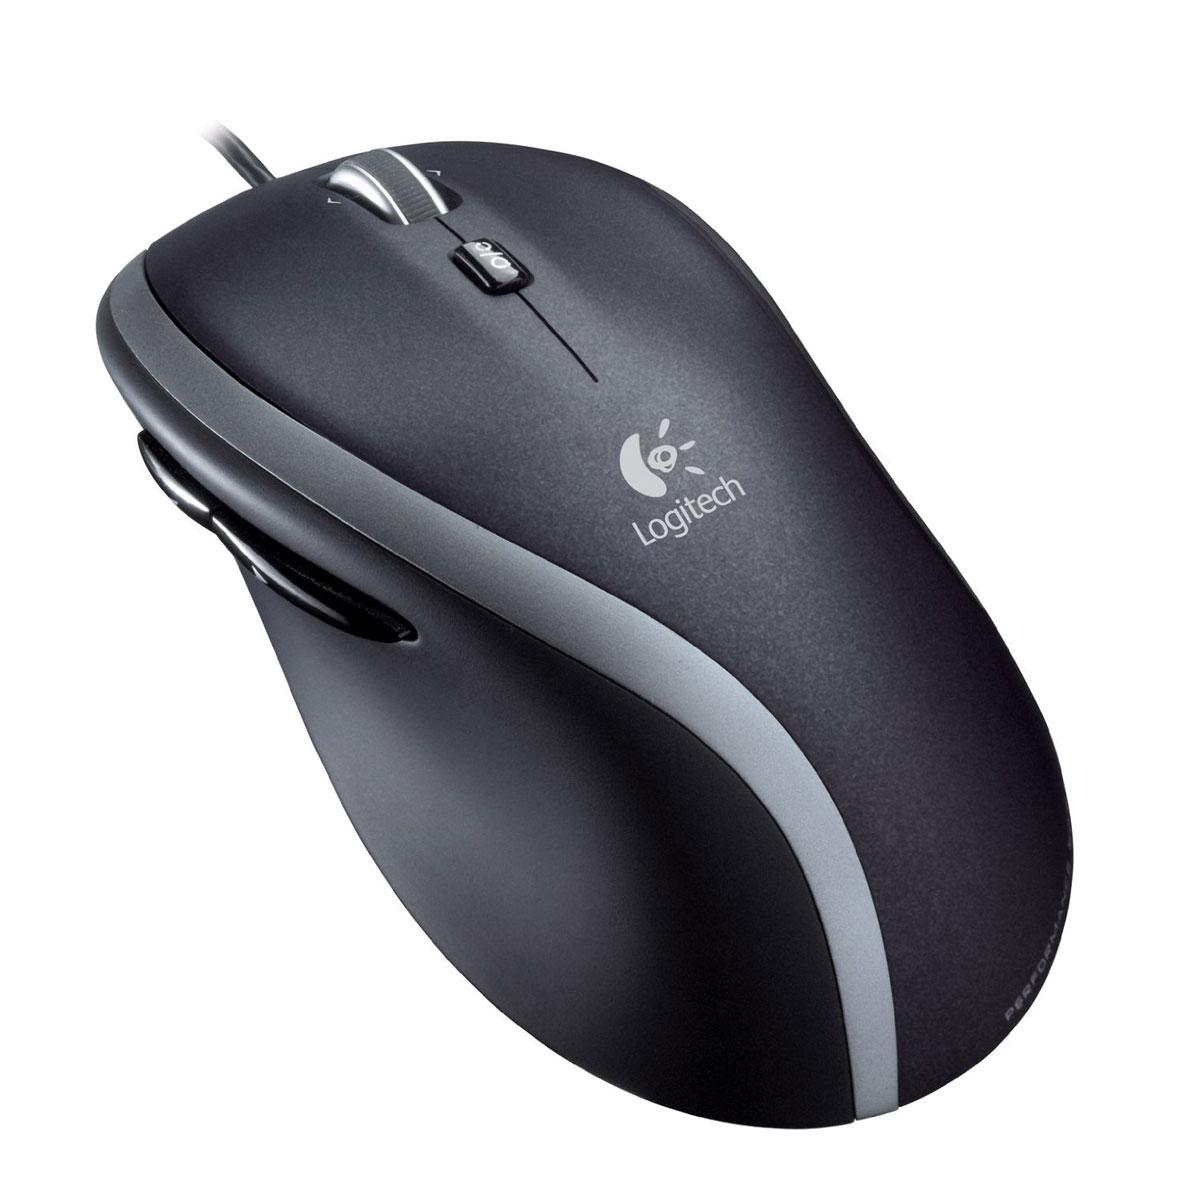 Logitech M500 Mouse (910-001202) компьютерная мышь910-001202Быстрая и удобная мышь Logitech M500 Mouse для продуктивной работы. Колесико сверхбыстрой прокрутки и точный лазерный датчик делают эту мышь ценным помощником в игре и работе. Идеальные размеры и эргономичная форма мыши обеспечивают высокий комфорт во время игры и работы. Две программируемые кнопки для большого пальца облегчают и ускоряют работу мышью.